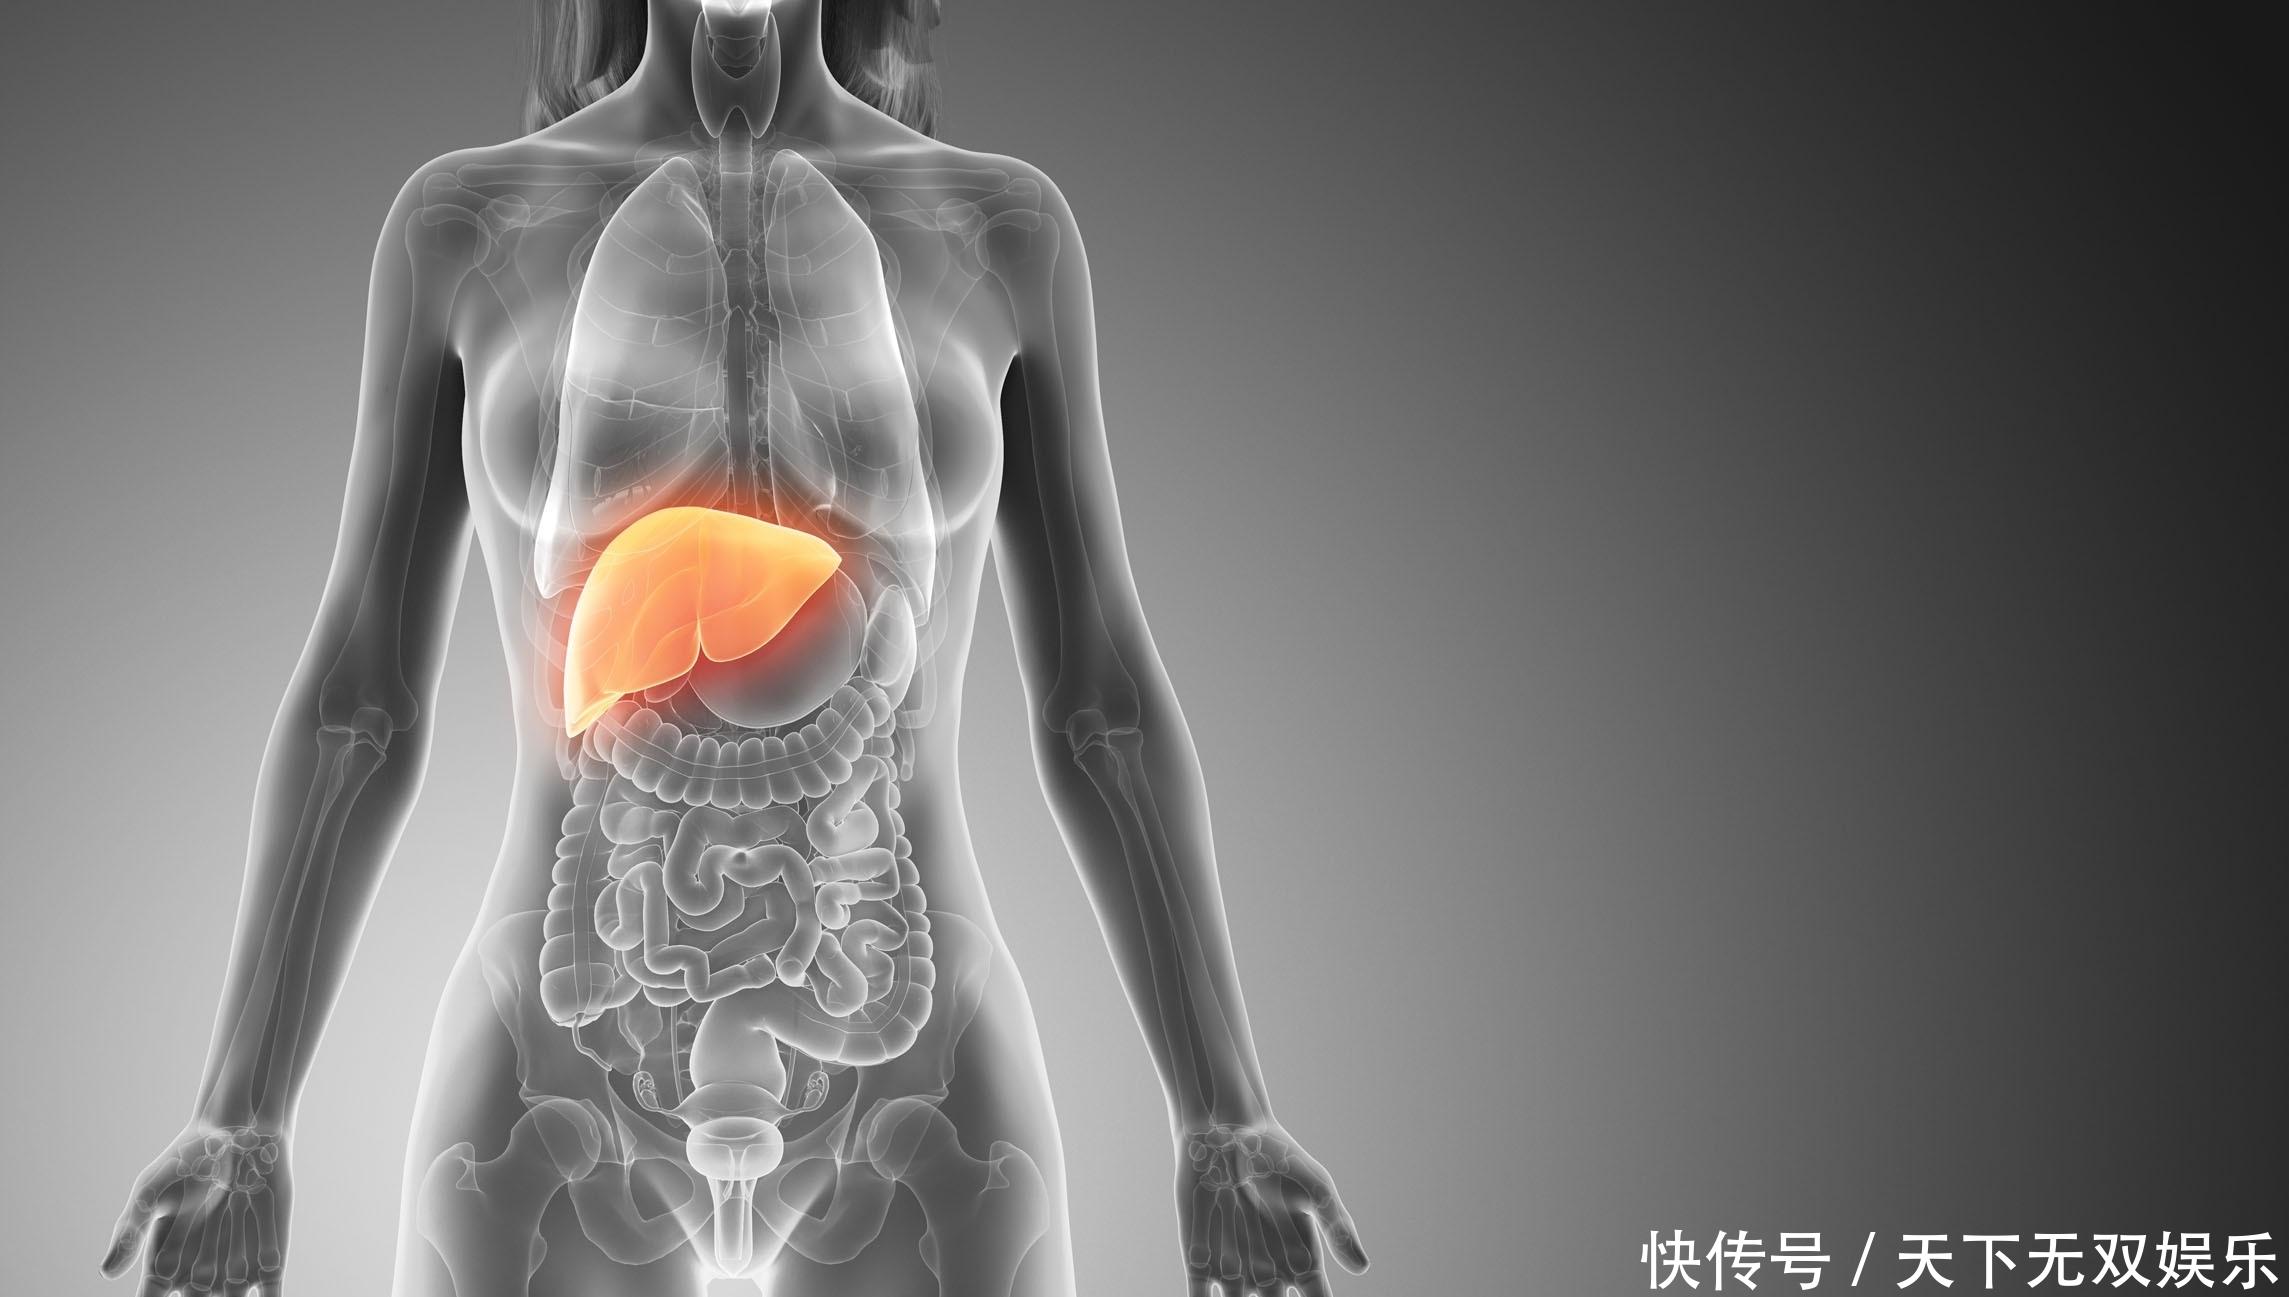 「肝癌」肝癌预警:身体若有这3个表现,或需警惕肝脏癌变